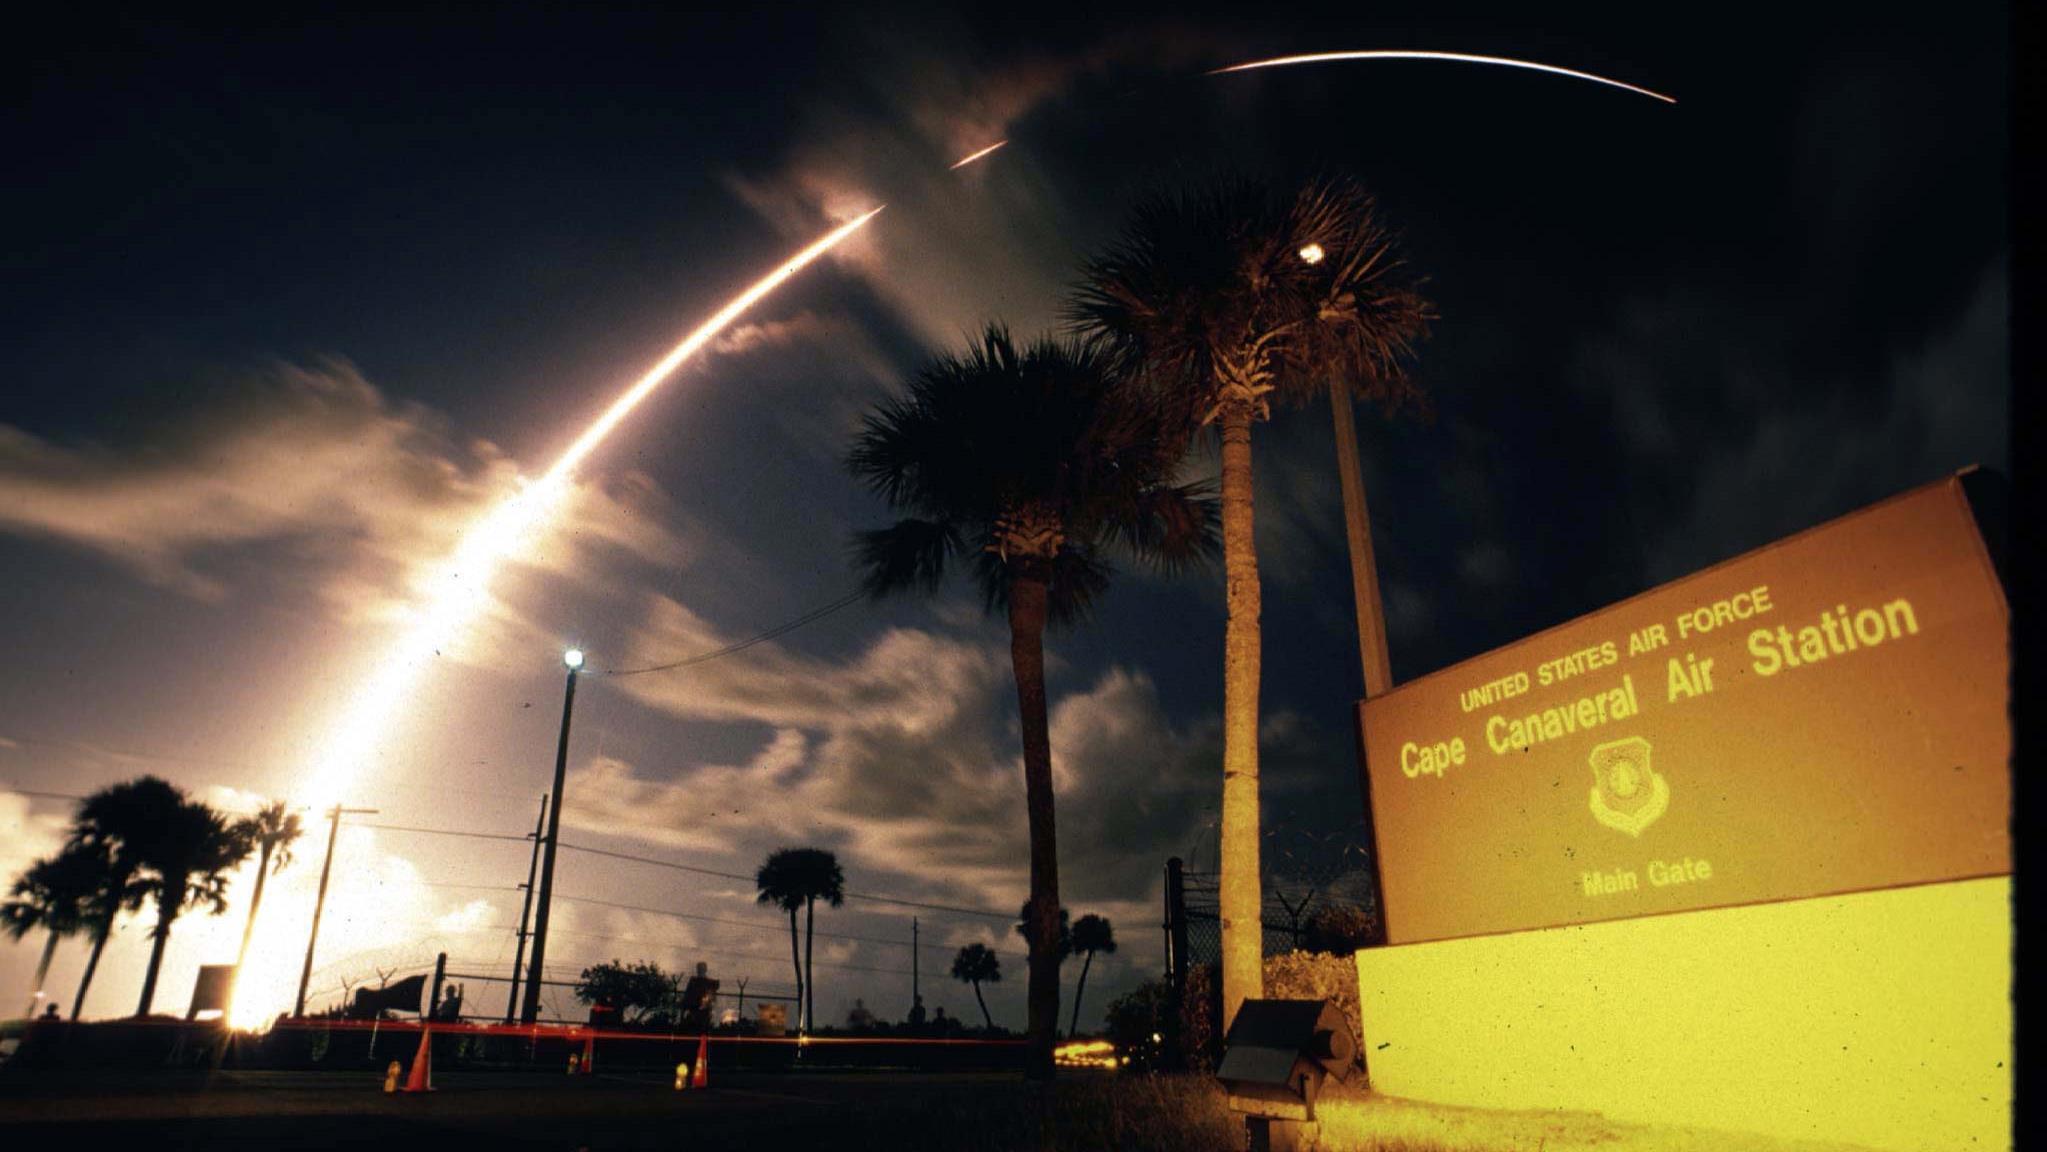 Une fusée Titan 4B décolle du cap Canaveral